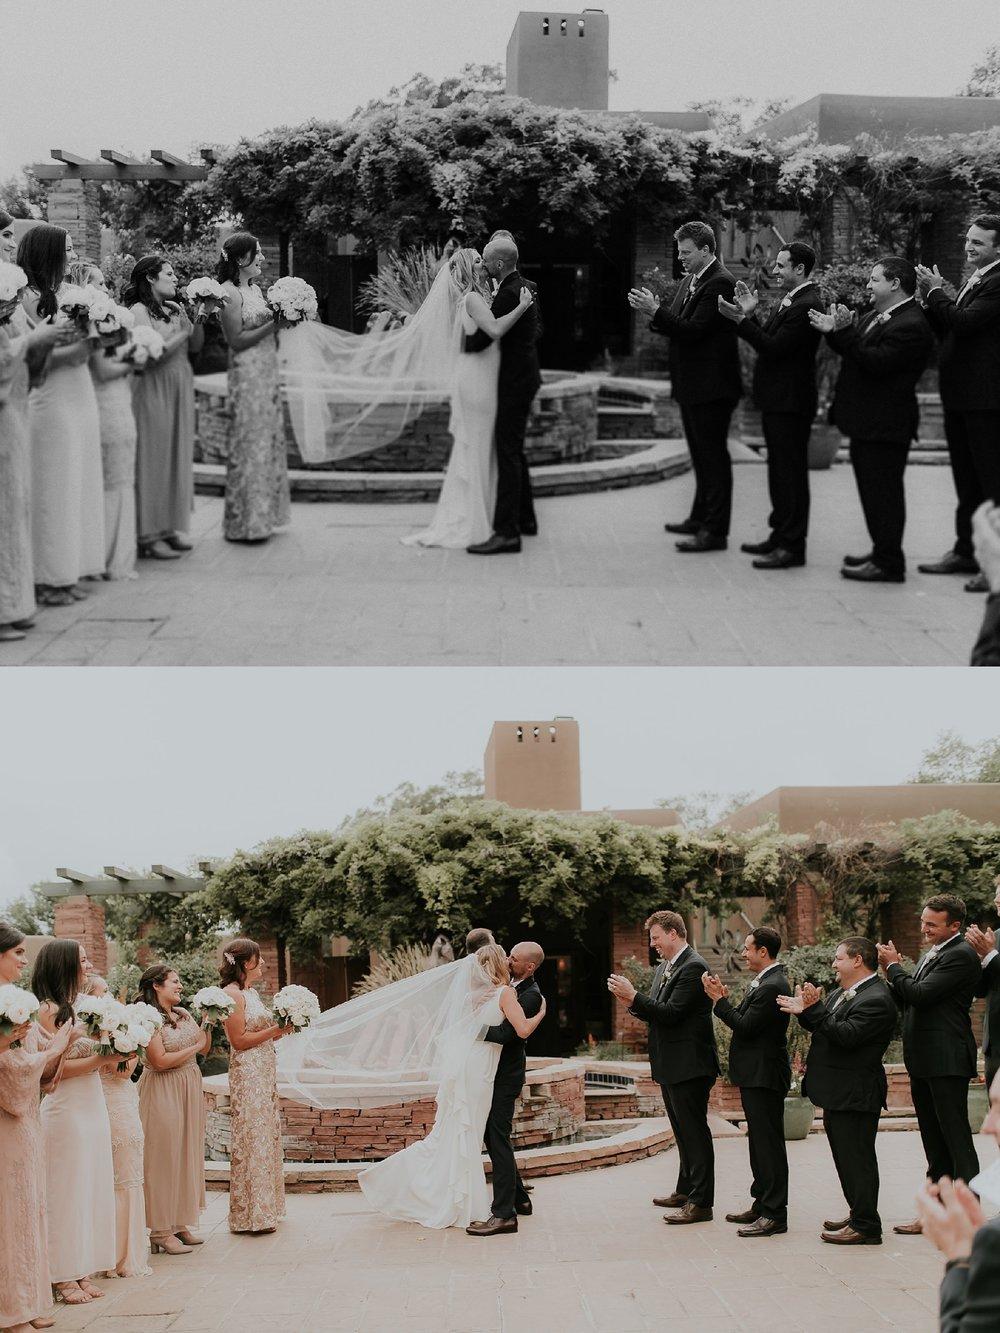 Alicia+lucia+photography+-+albuquerque+wedding+photographer+-+santa+fe+wedding+photography+-+new+mexico+wedding+photographer+-+new+mexico+wedding+-+albuquerque+wedding+-+santa+fe+wedding+-+wedding+kisses+-+wedding+first+kisses_0048.jpg